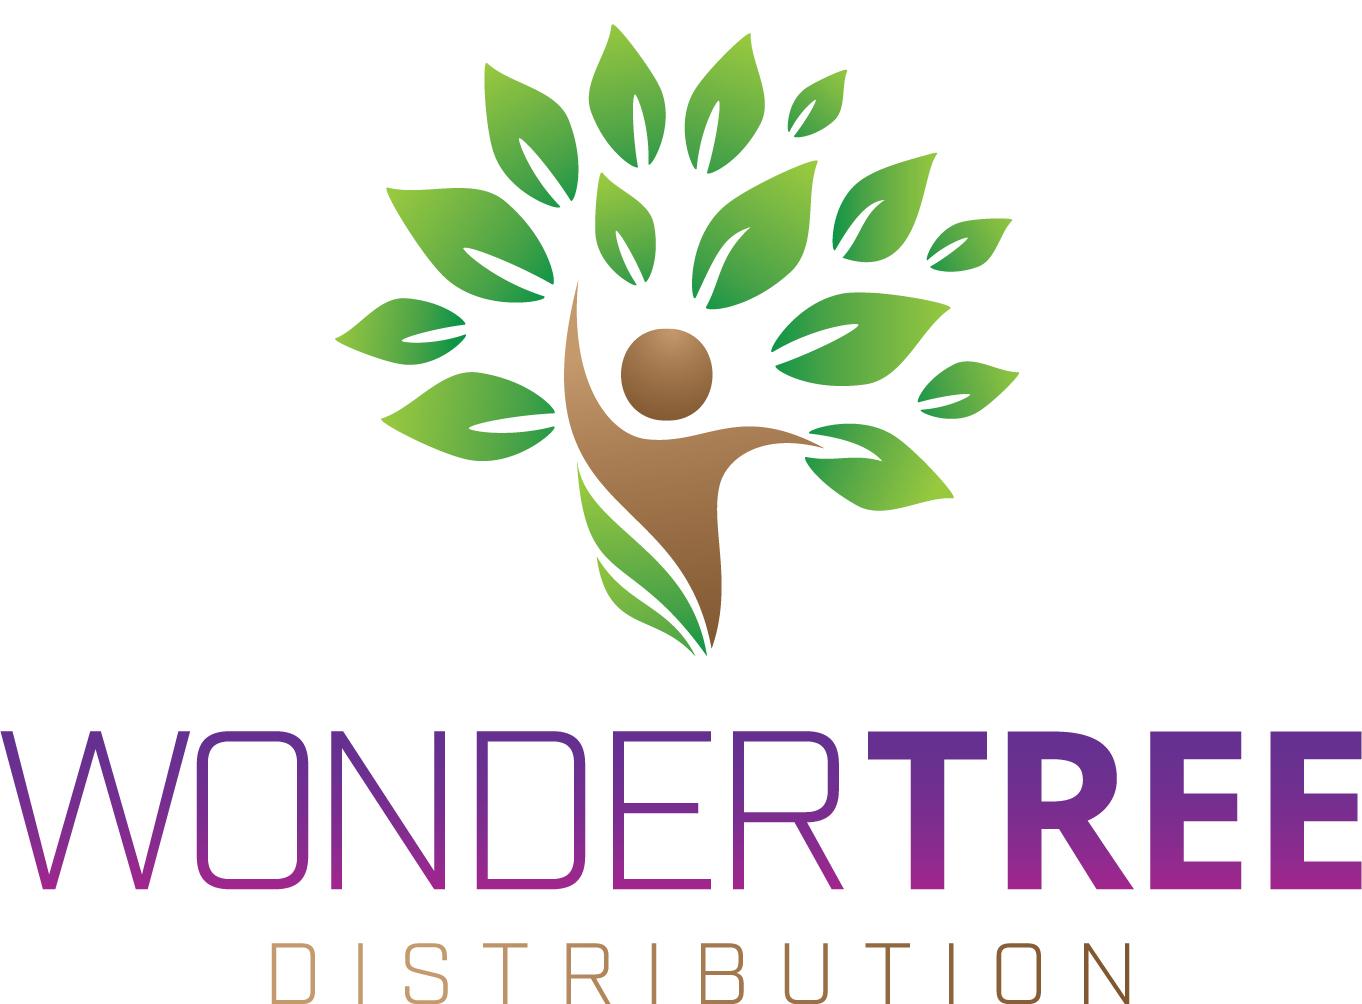 wondertree_logo1.jpg